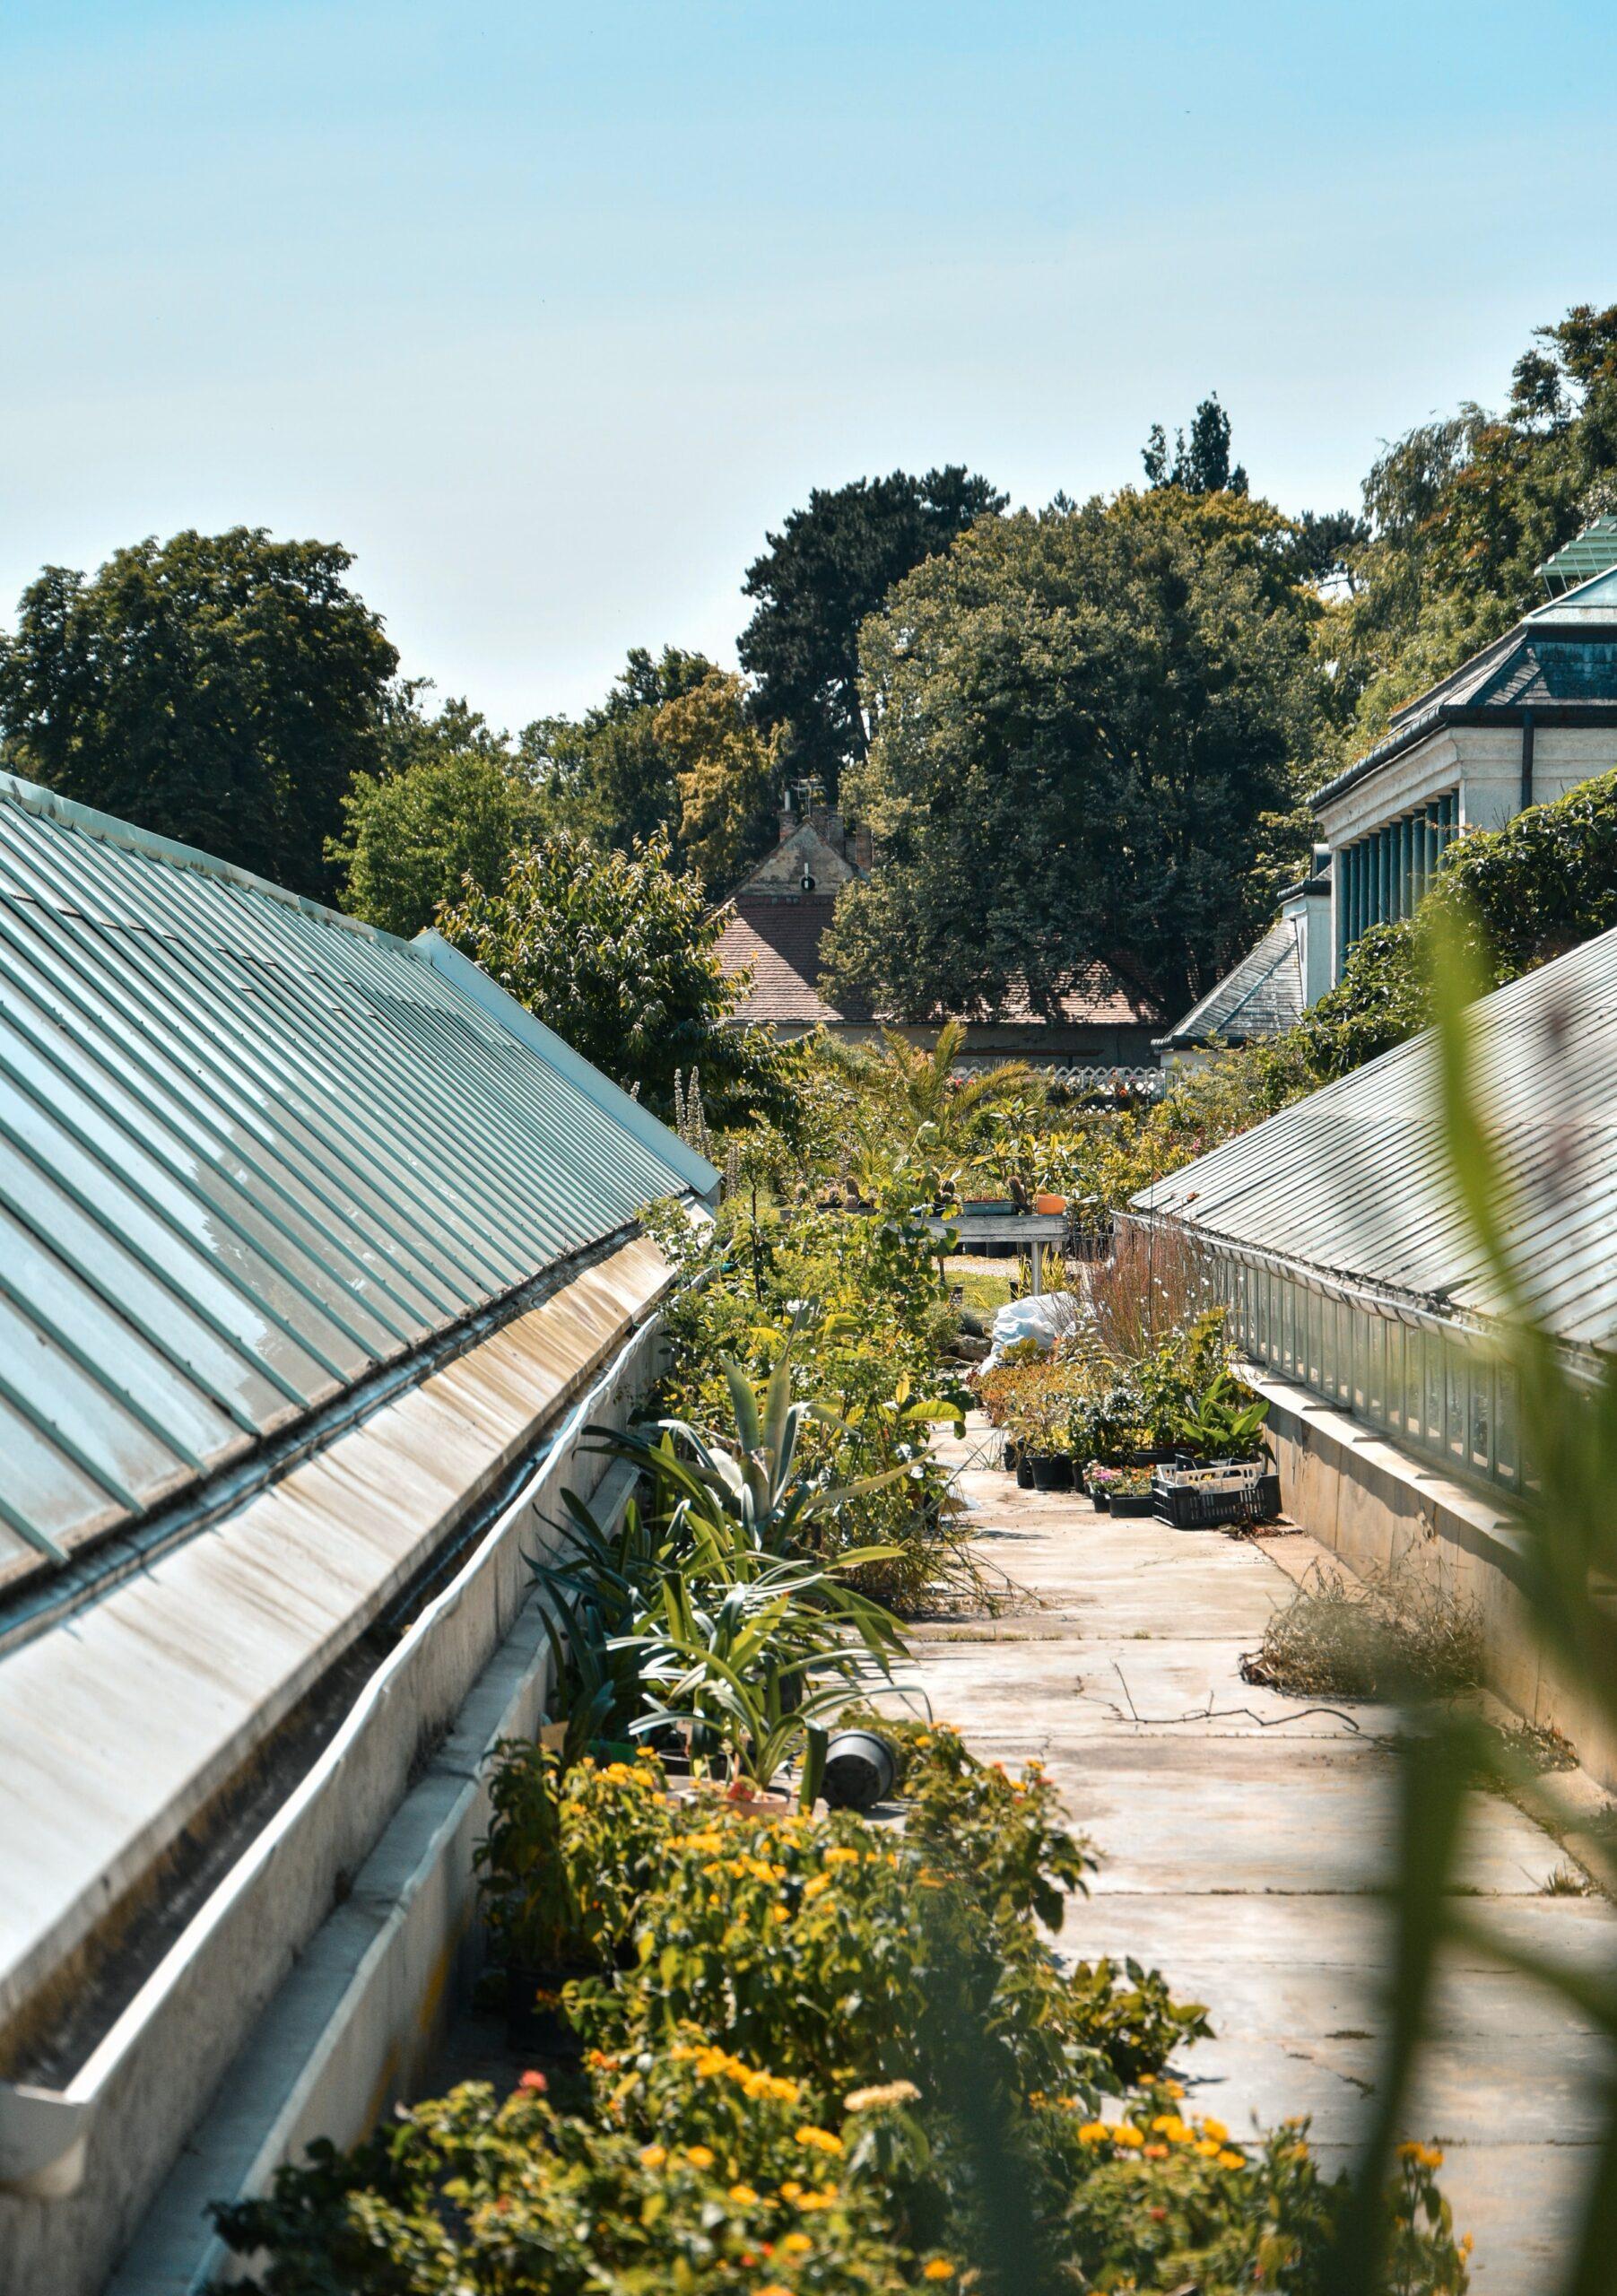 Image description. botanical garden